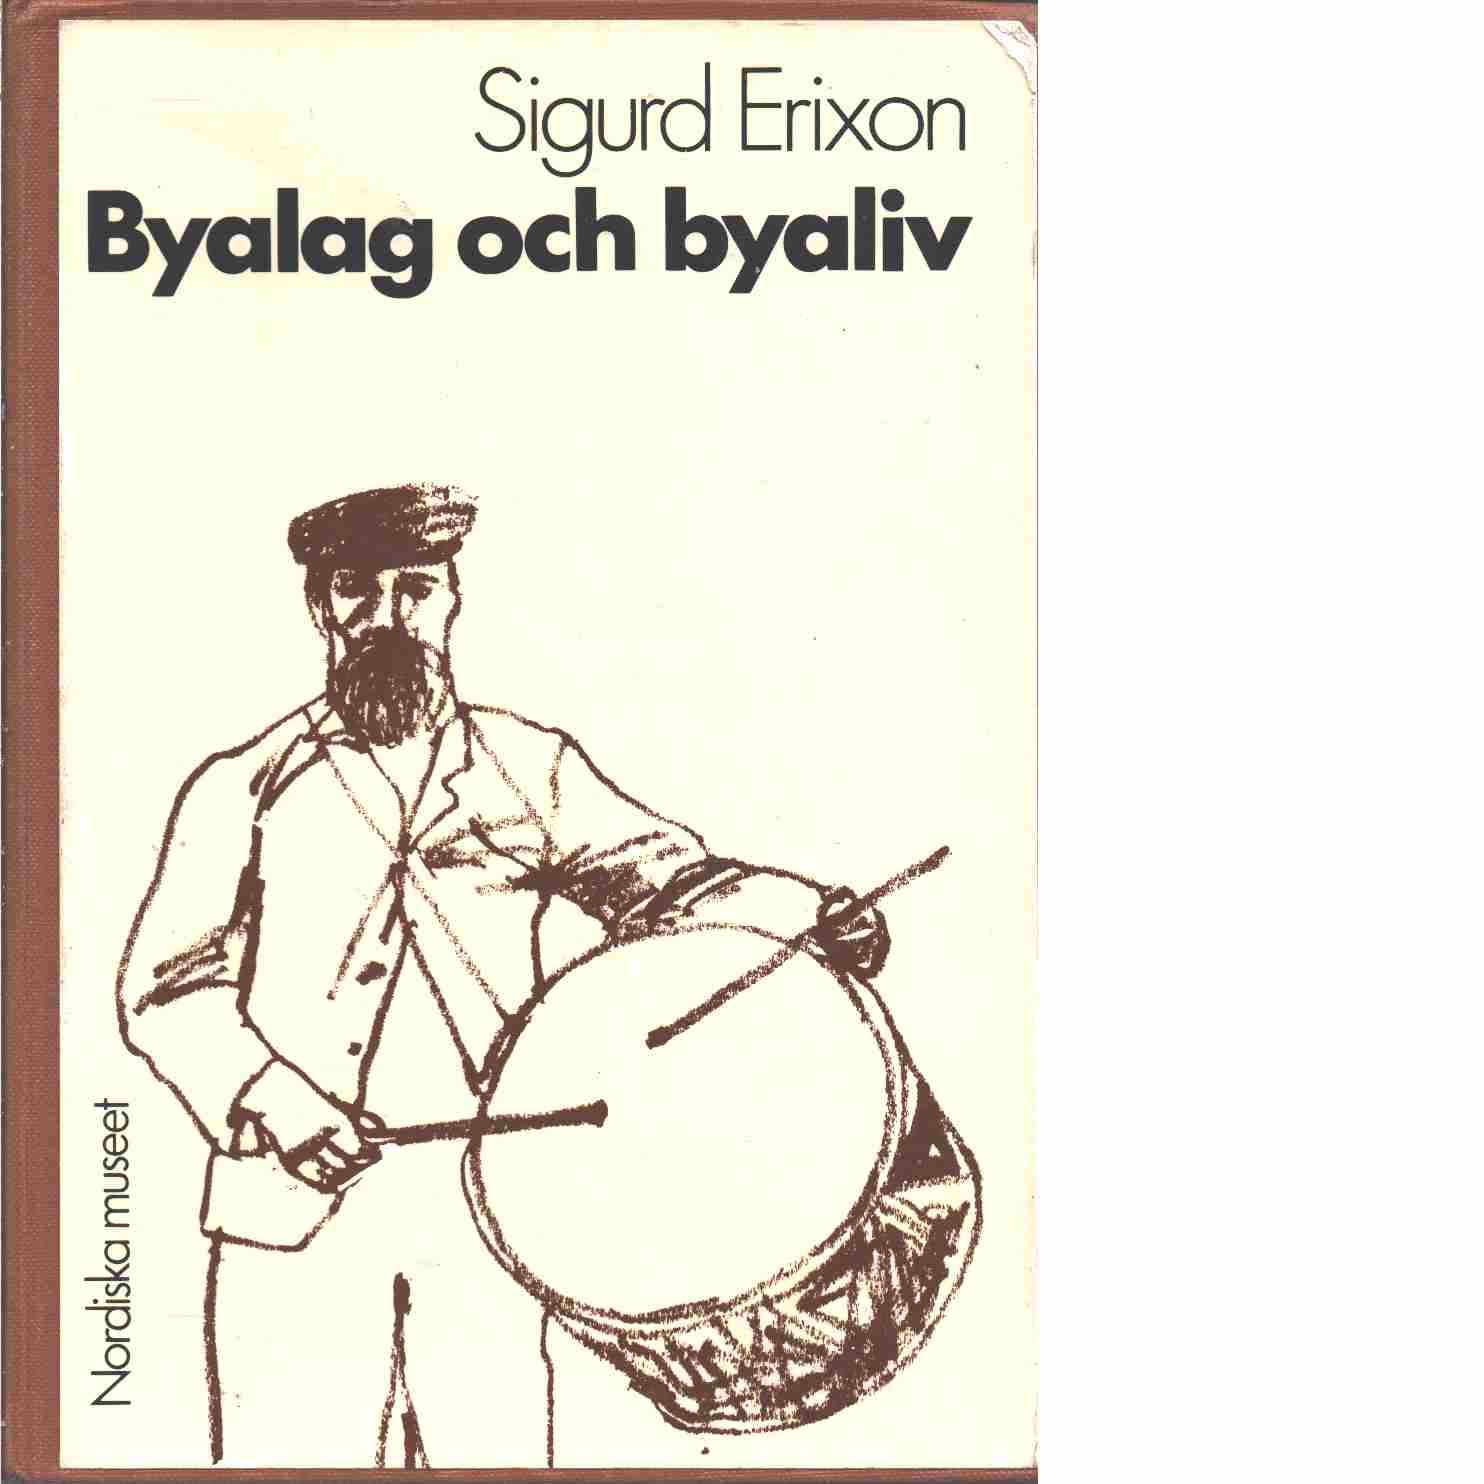 Byalag och byaliv - Erixon, Sigurd